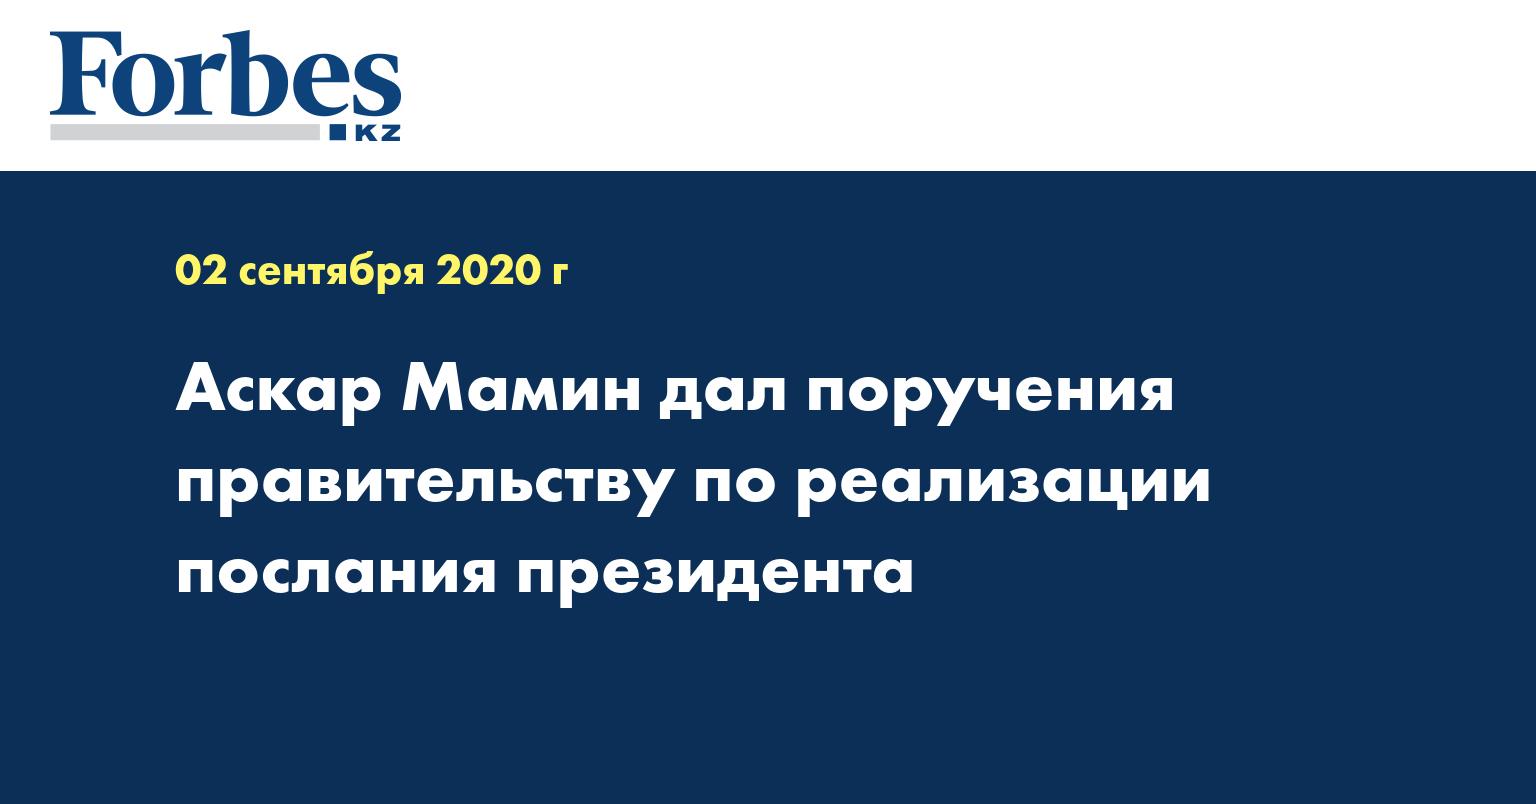 Аскар Мамин дал поручения правительству по реализации послания президента